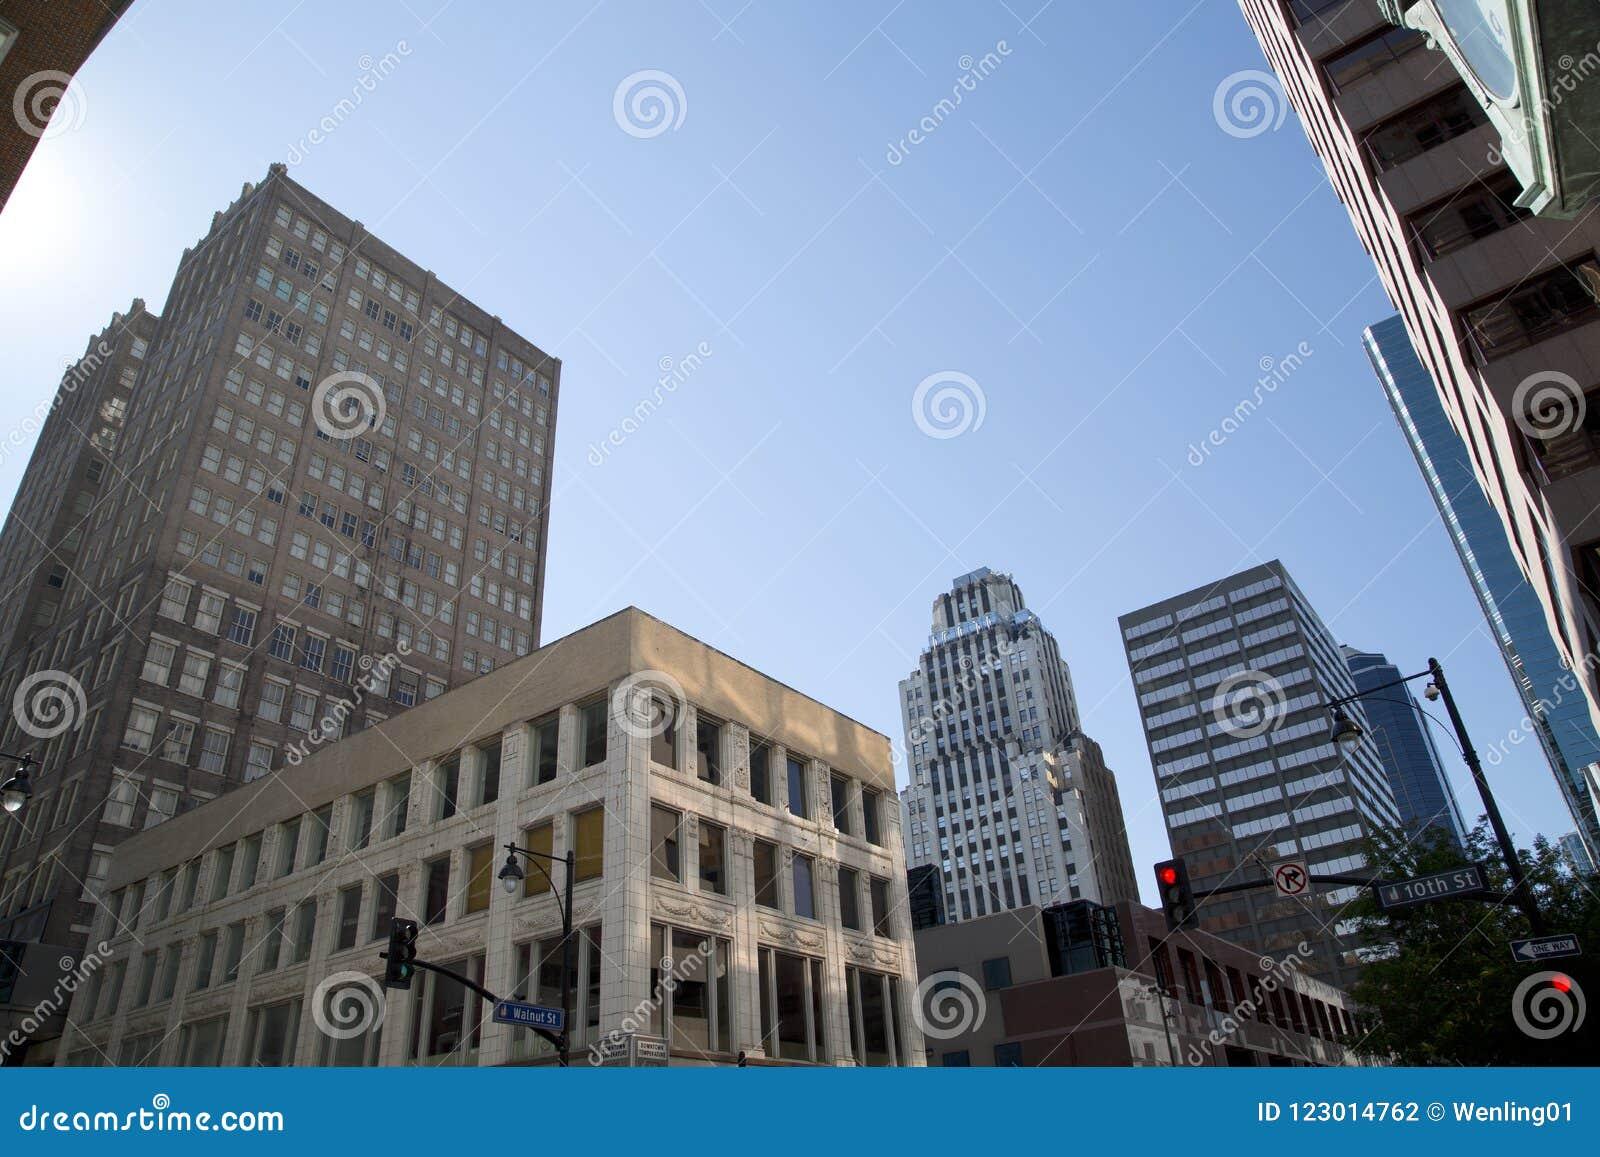 Исторический и современный зданий центр города внутри города Канзаса